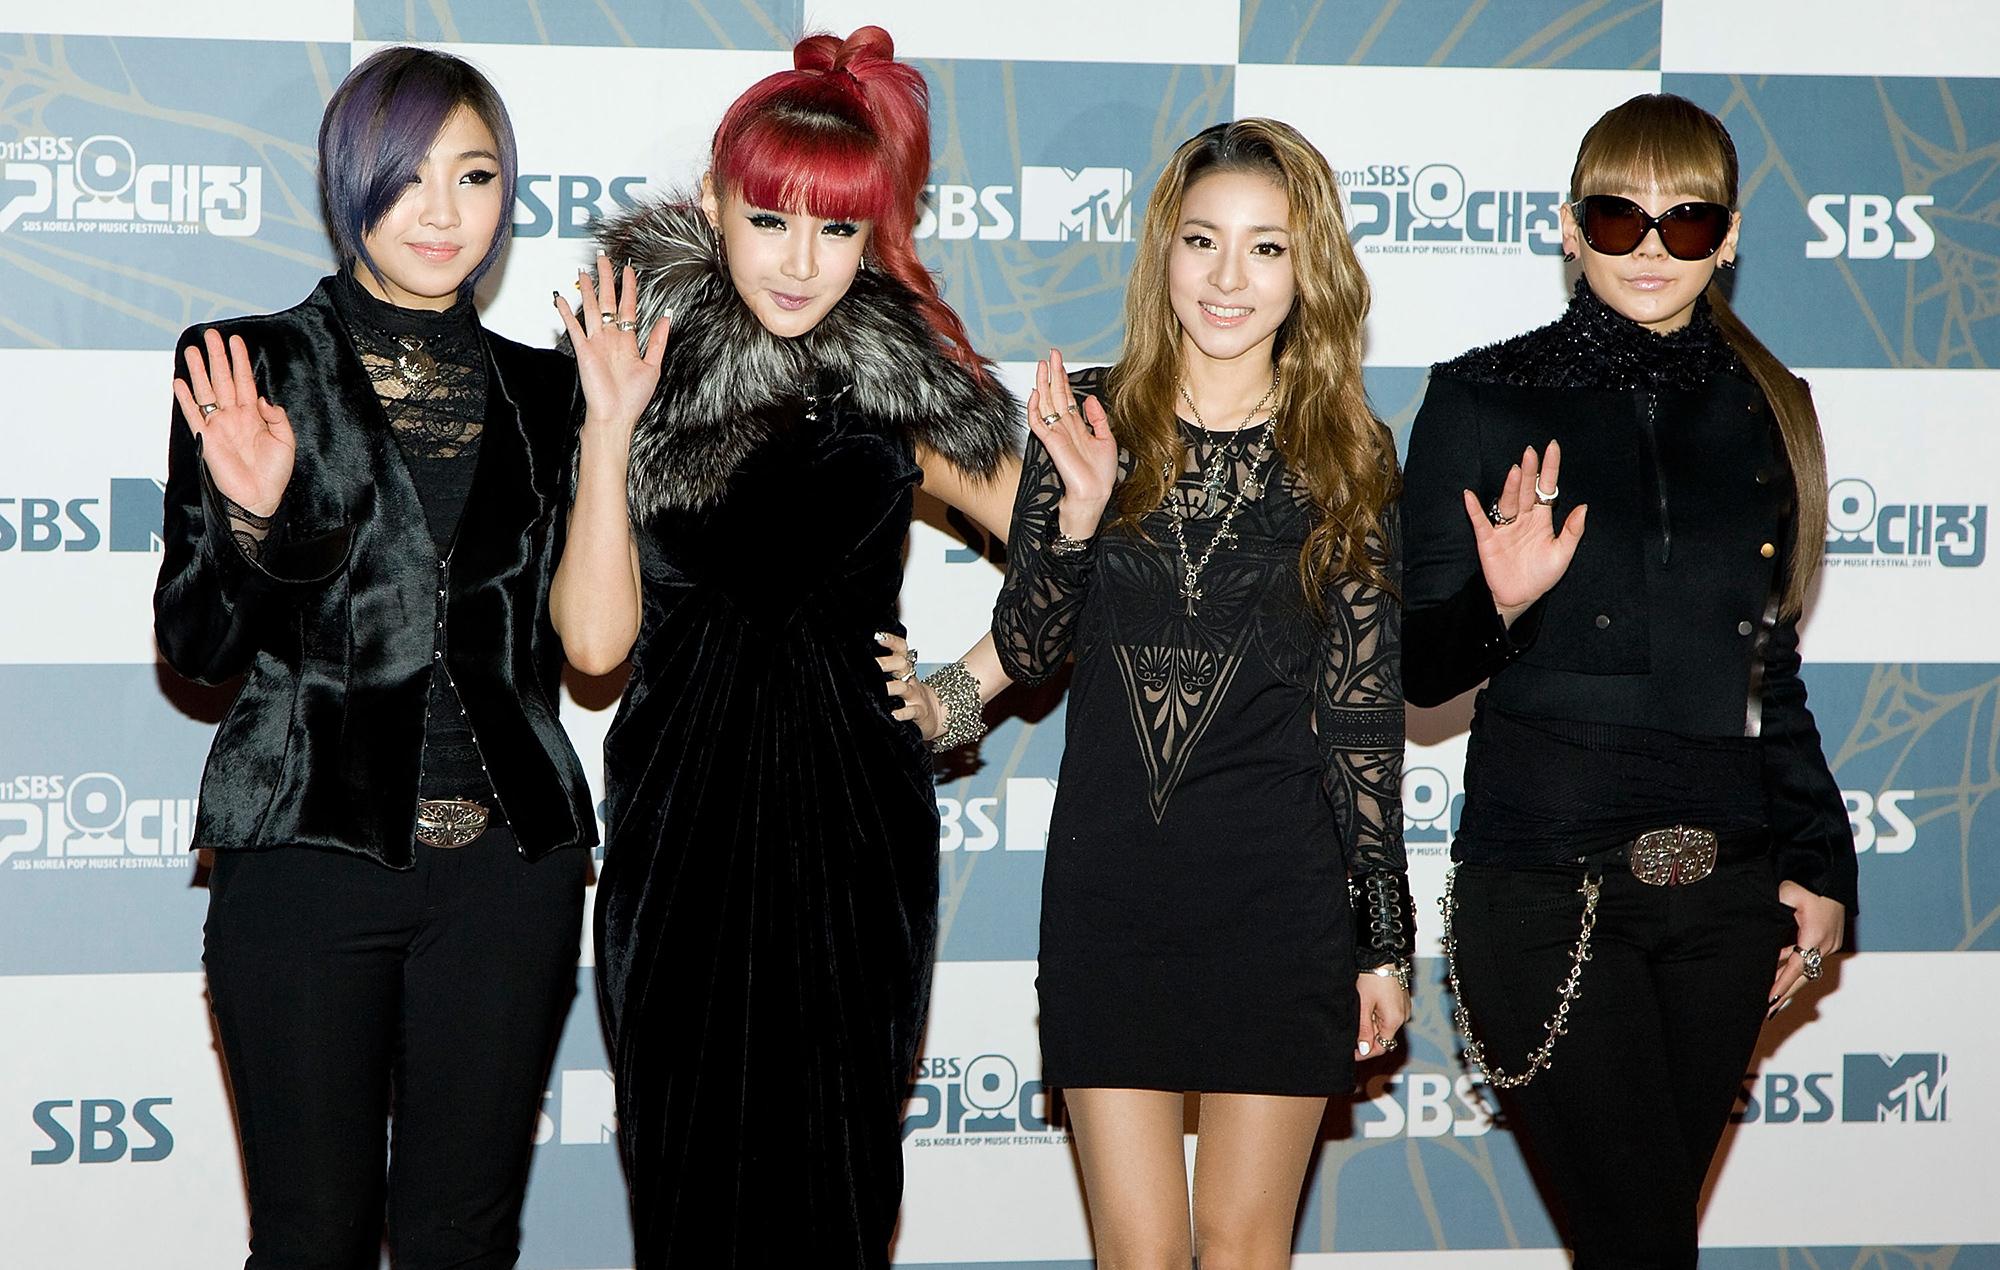 2NE1 GIRL GROUP